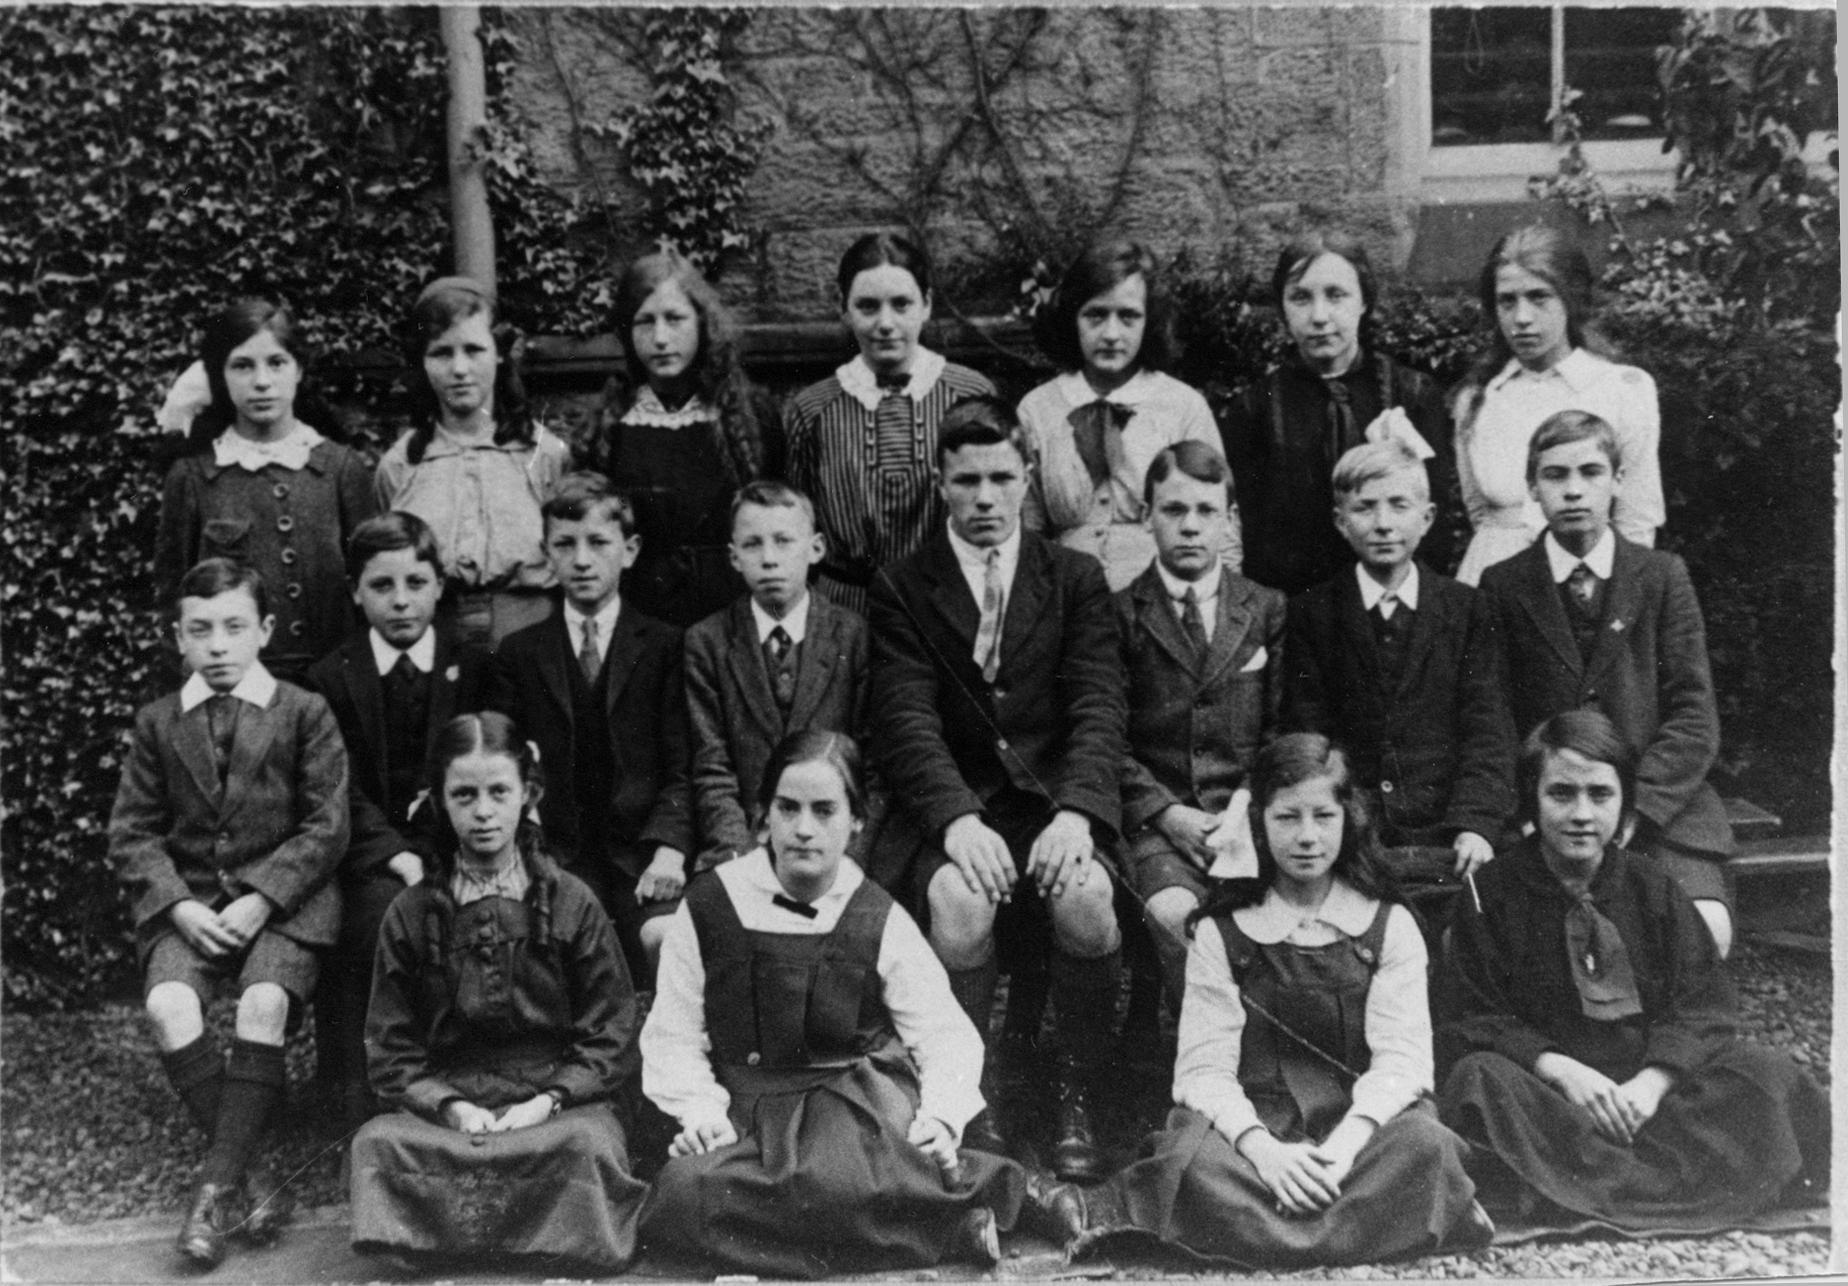 Portobello High School Class 2A 1916